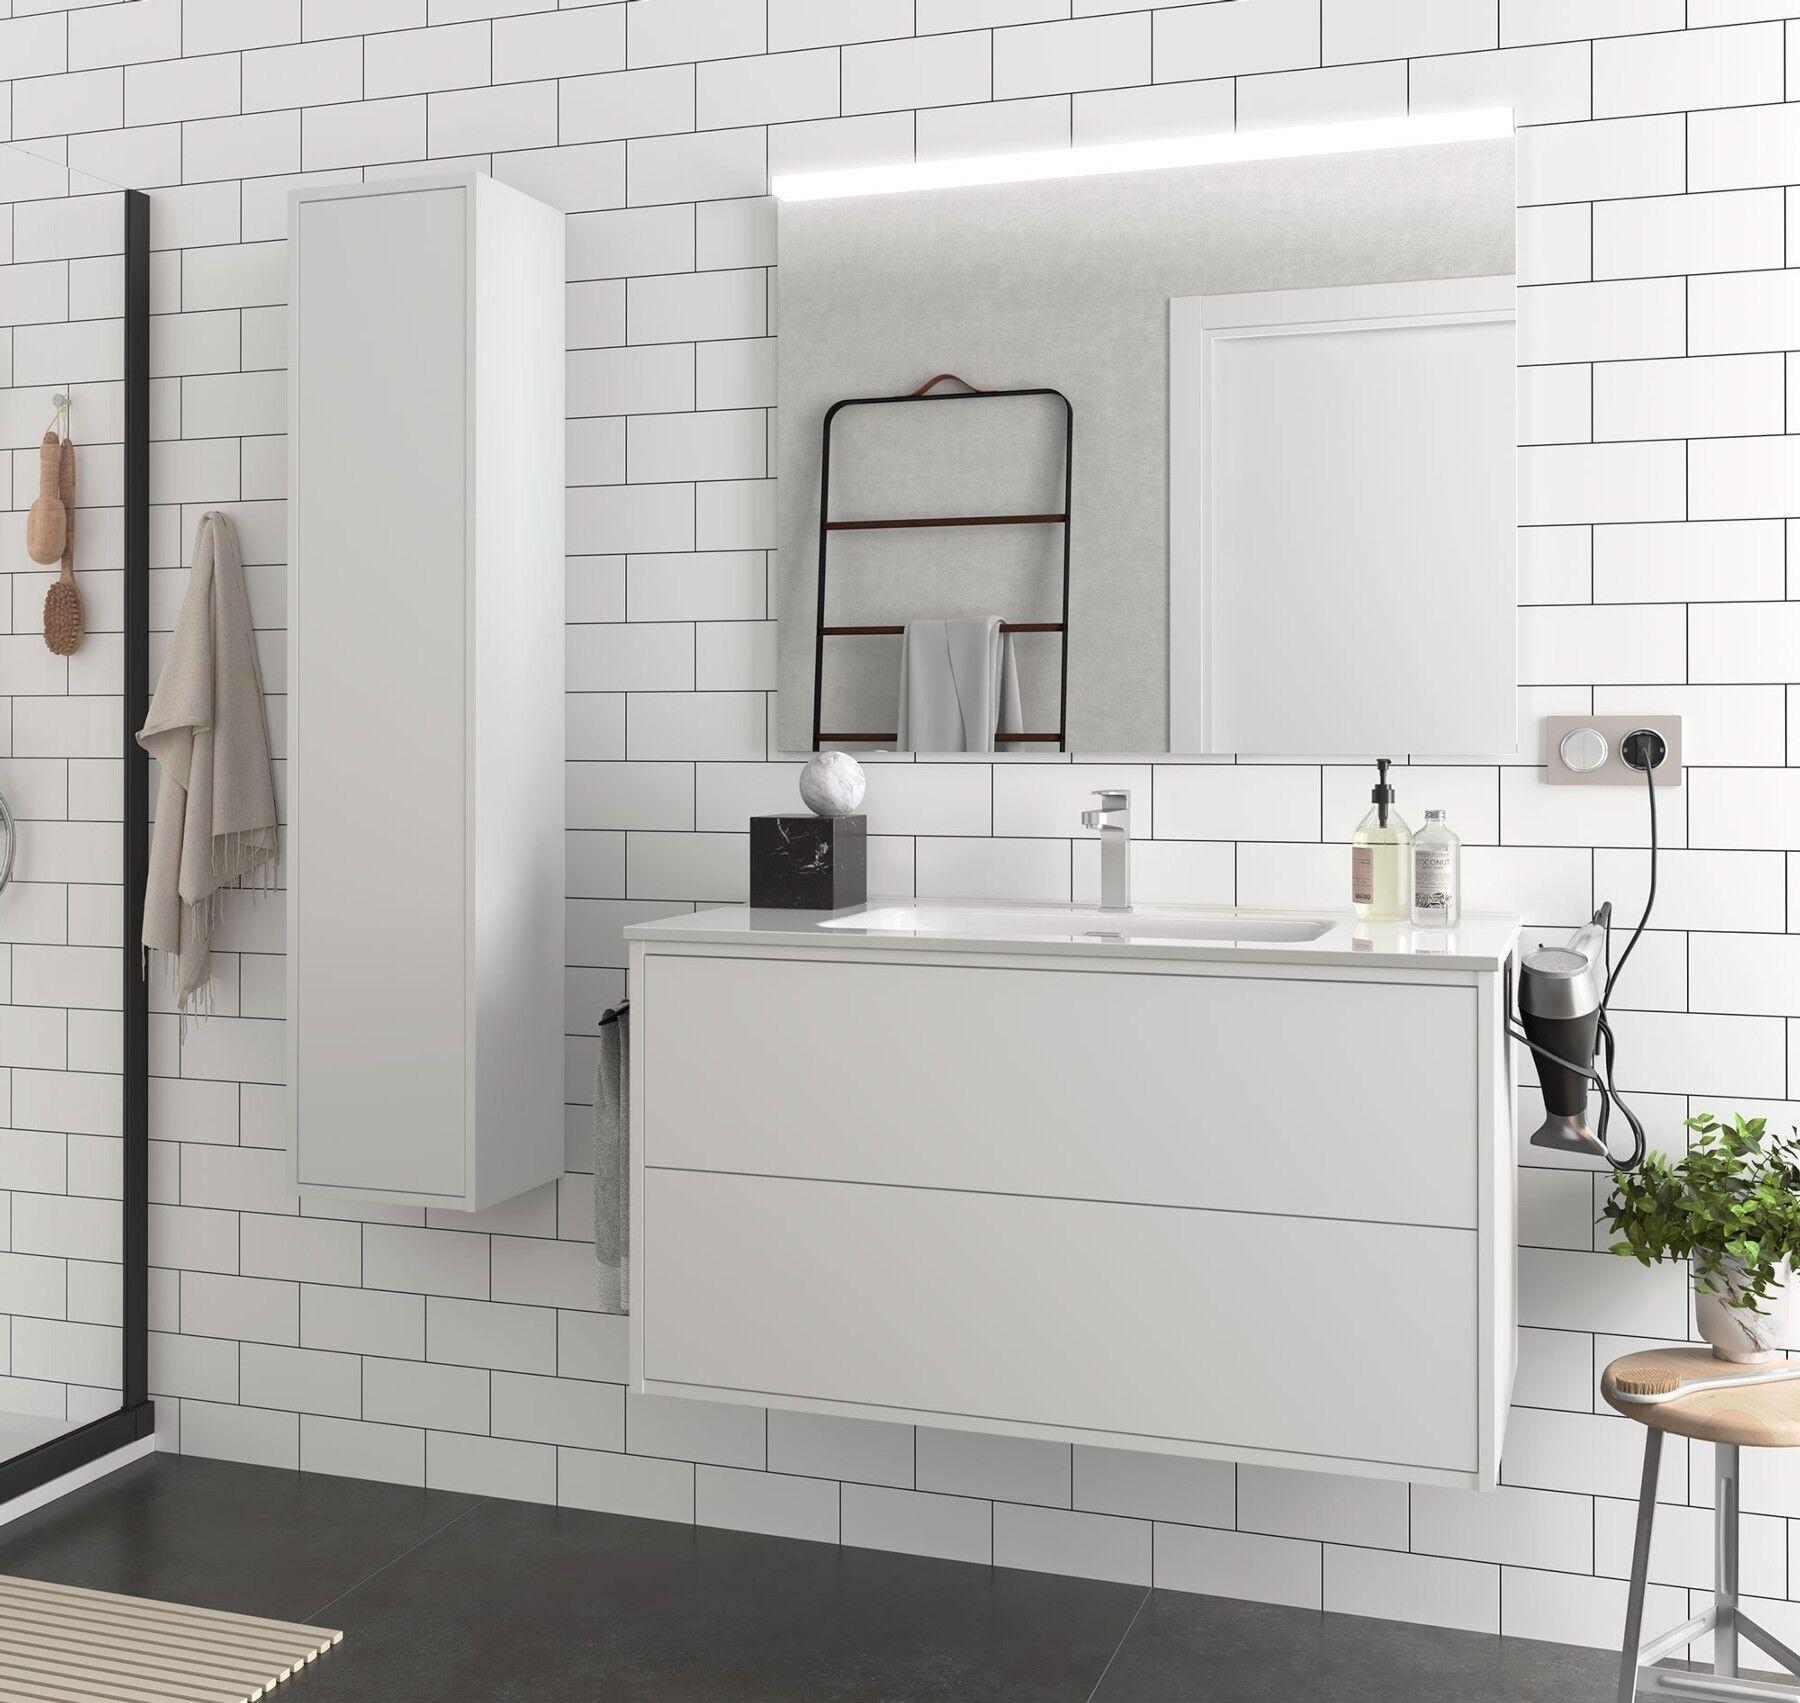 CAESAROO Meuble de salle de bain suspendu 100 cm Ulisse en bois Blanc mat avec lavabo en porcelaine   100 cm - Avec double colonne, miroir et lampe à LED